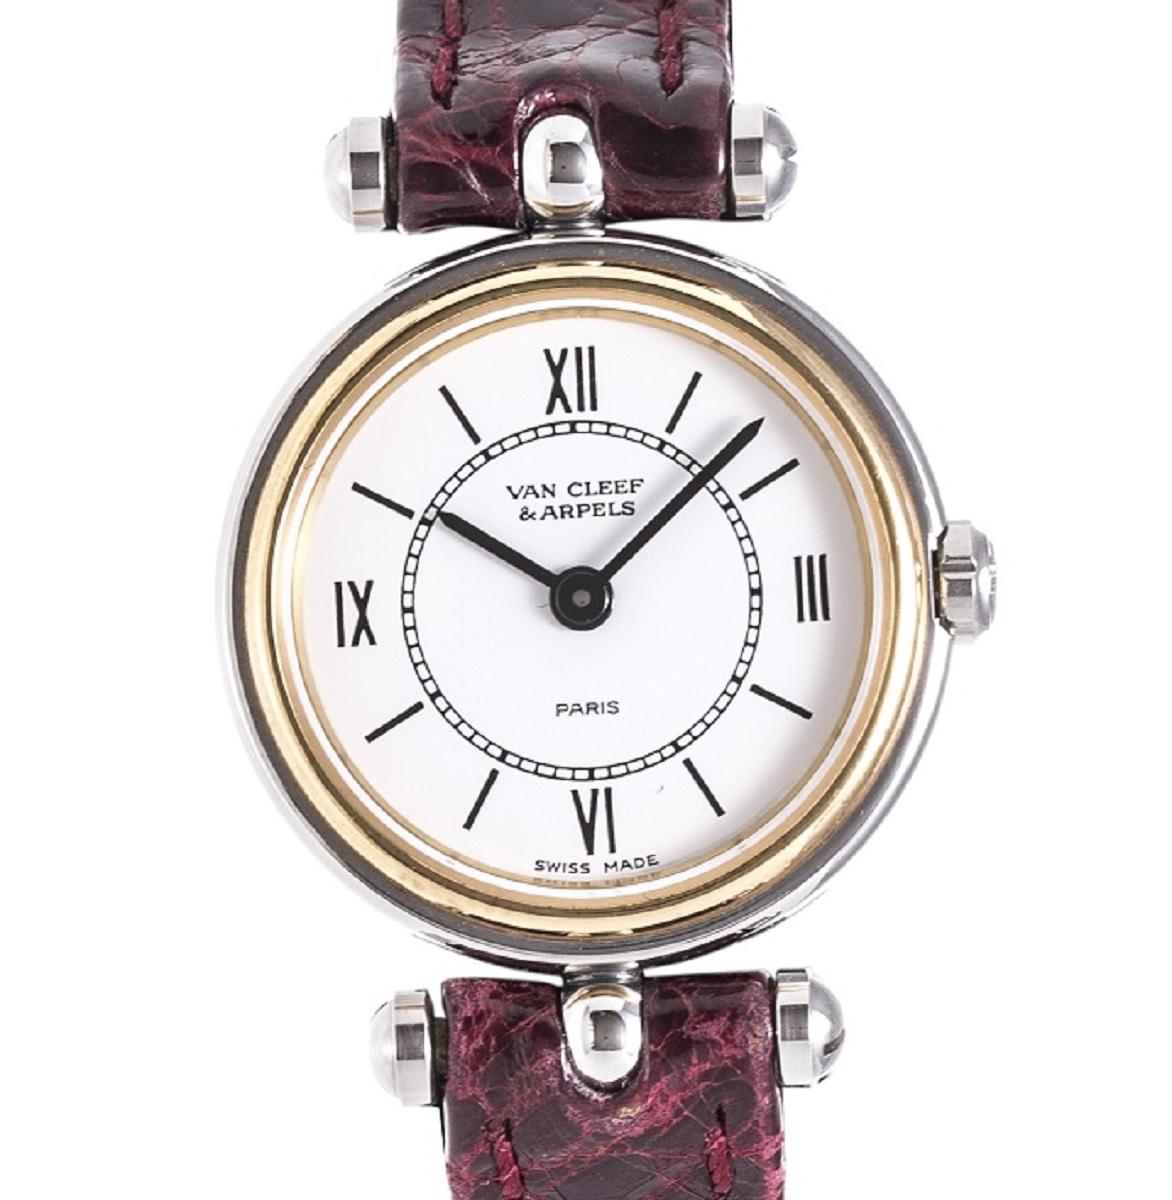 VANCLEEF&ARPELS ヴァンクリーフ&アーペル レディース 腕時計 Qz クォーツ 革ベルト ホワイト文字盤 白 SS ステンレス 送料無料【トレジャースポット】【中古】